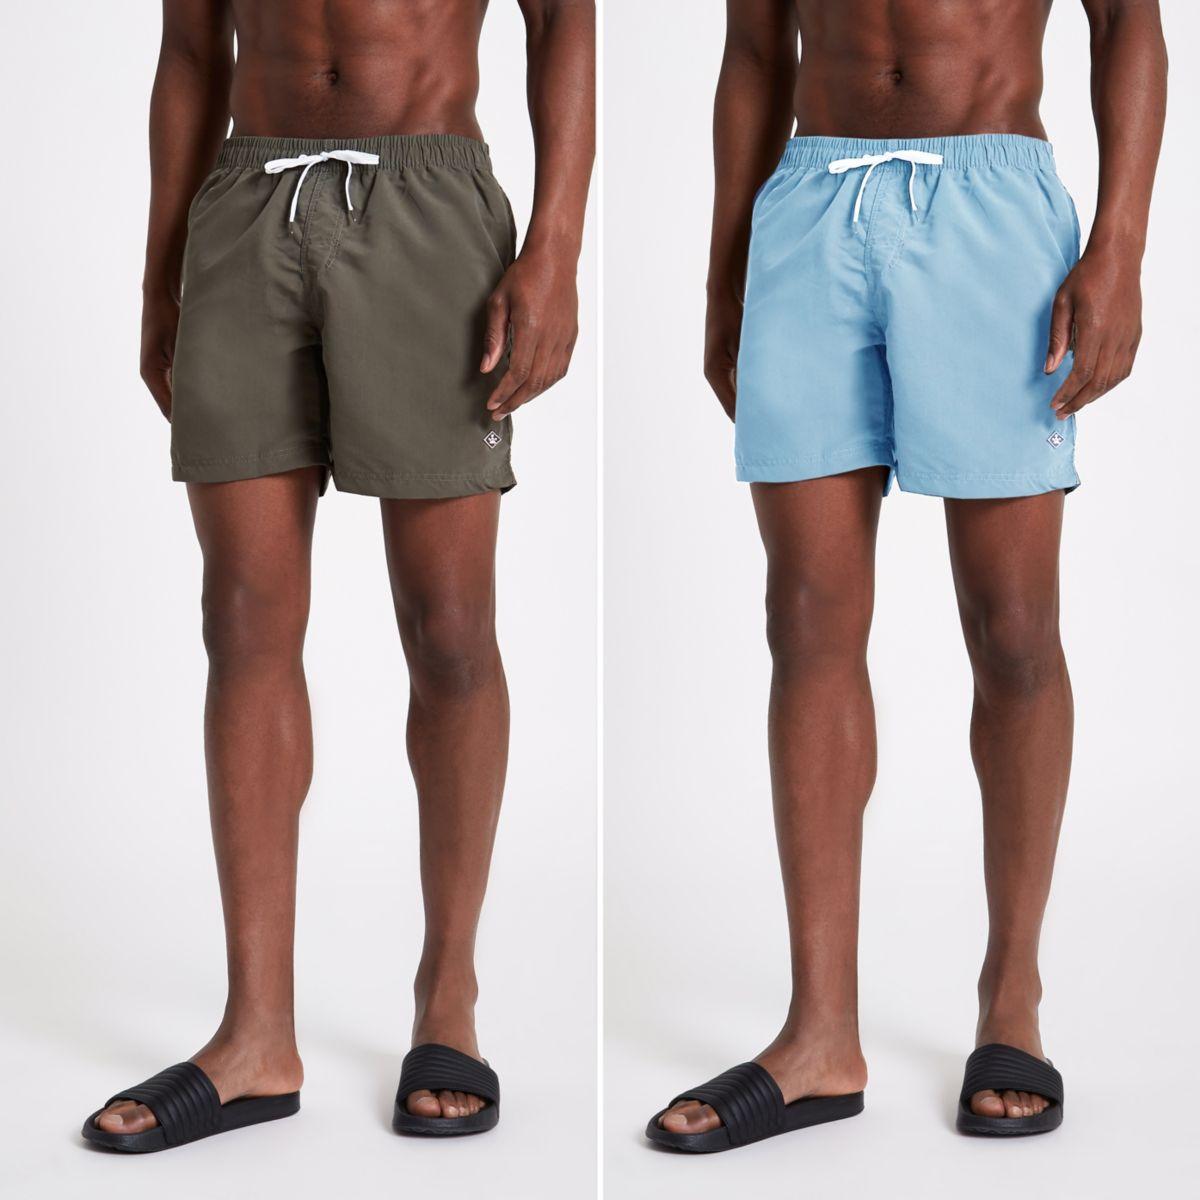 Khaki green and light blue swim trunks pack